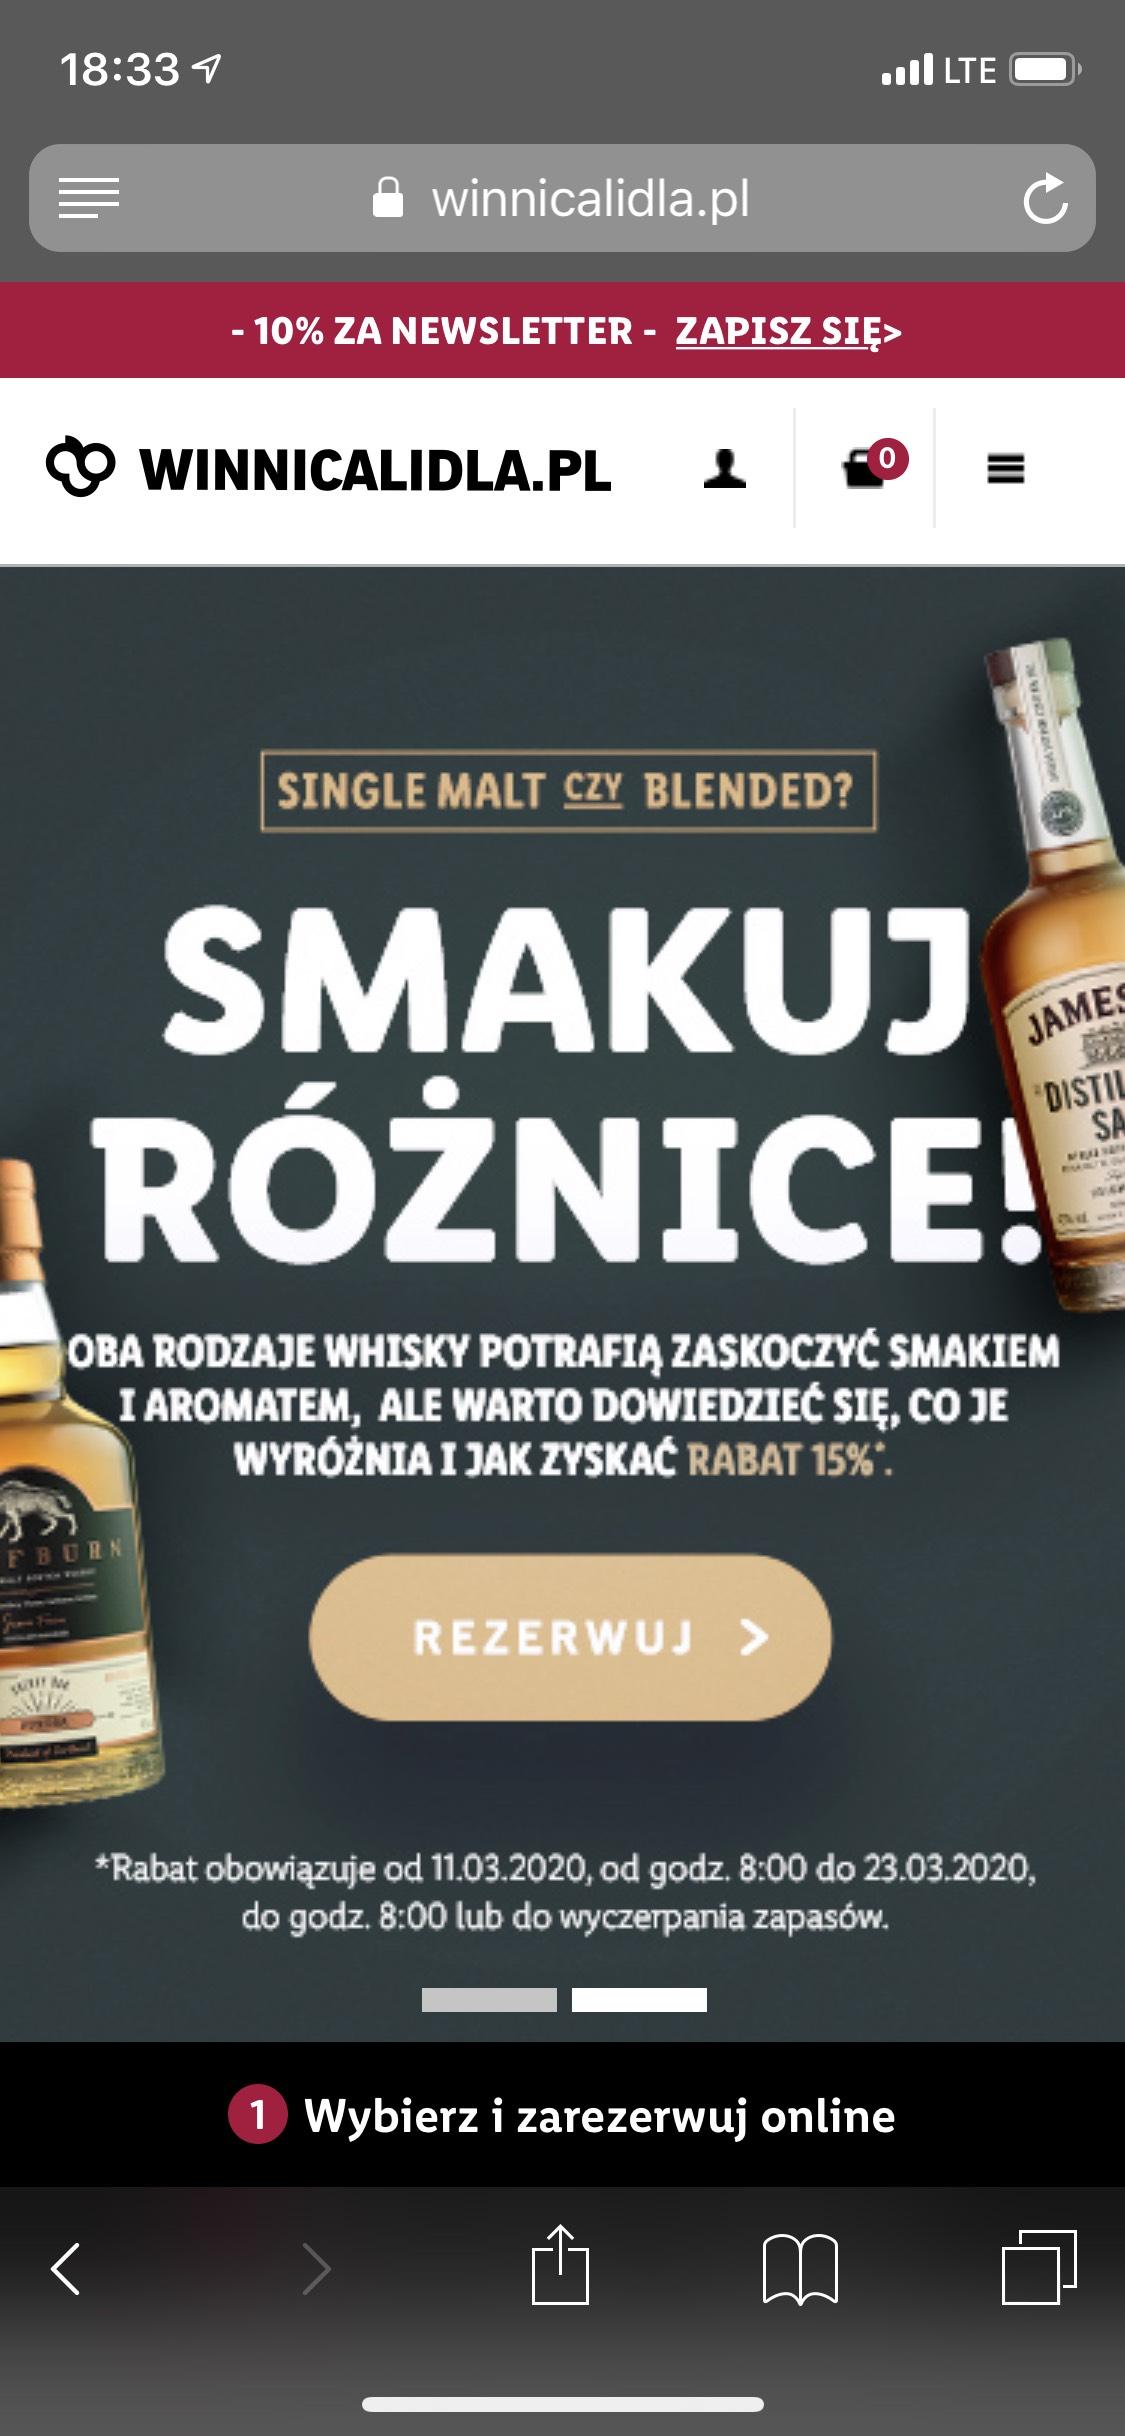 -15% przy zakupie 3 butelek whisky z kolekcji